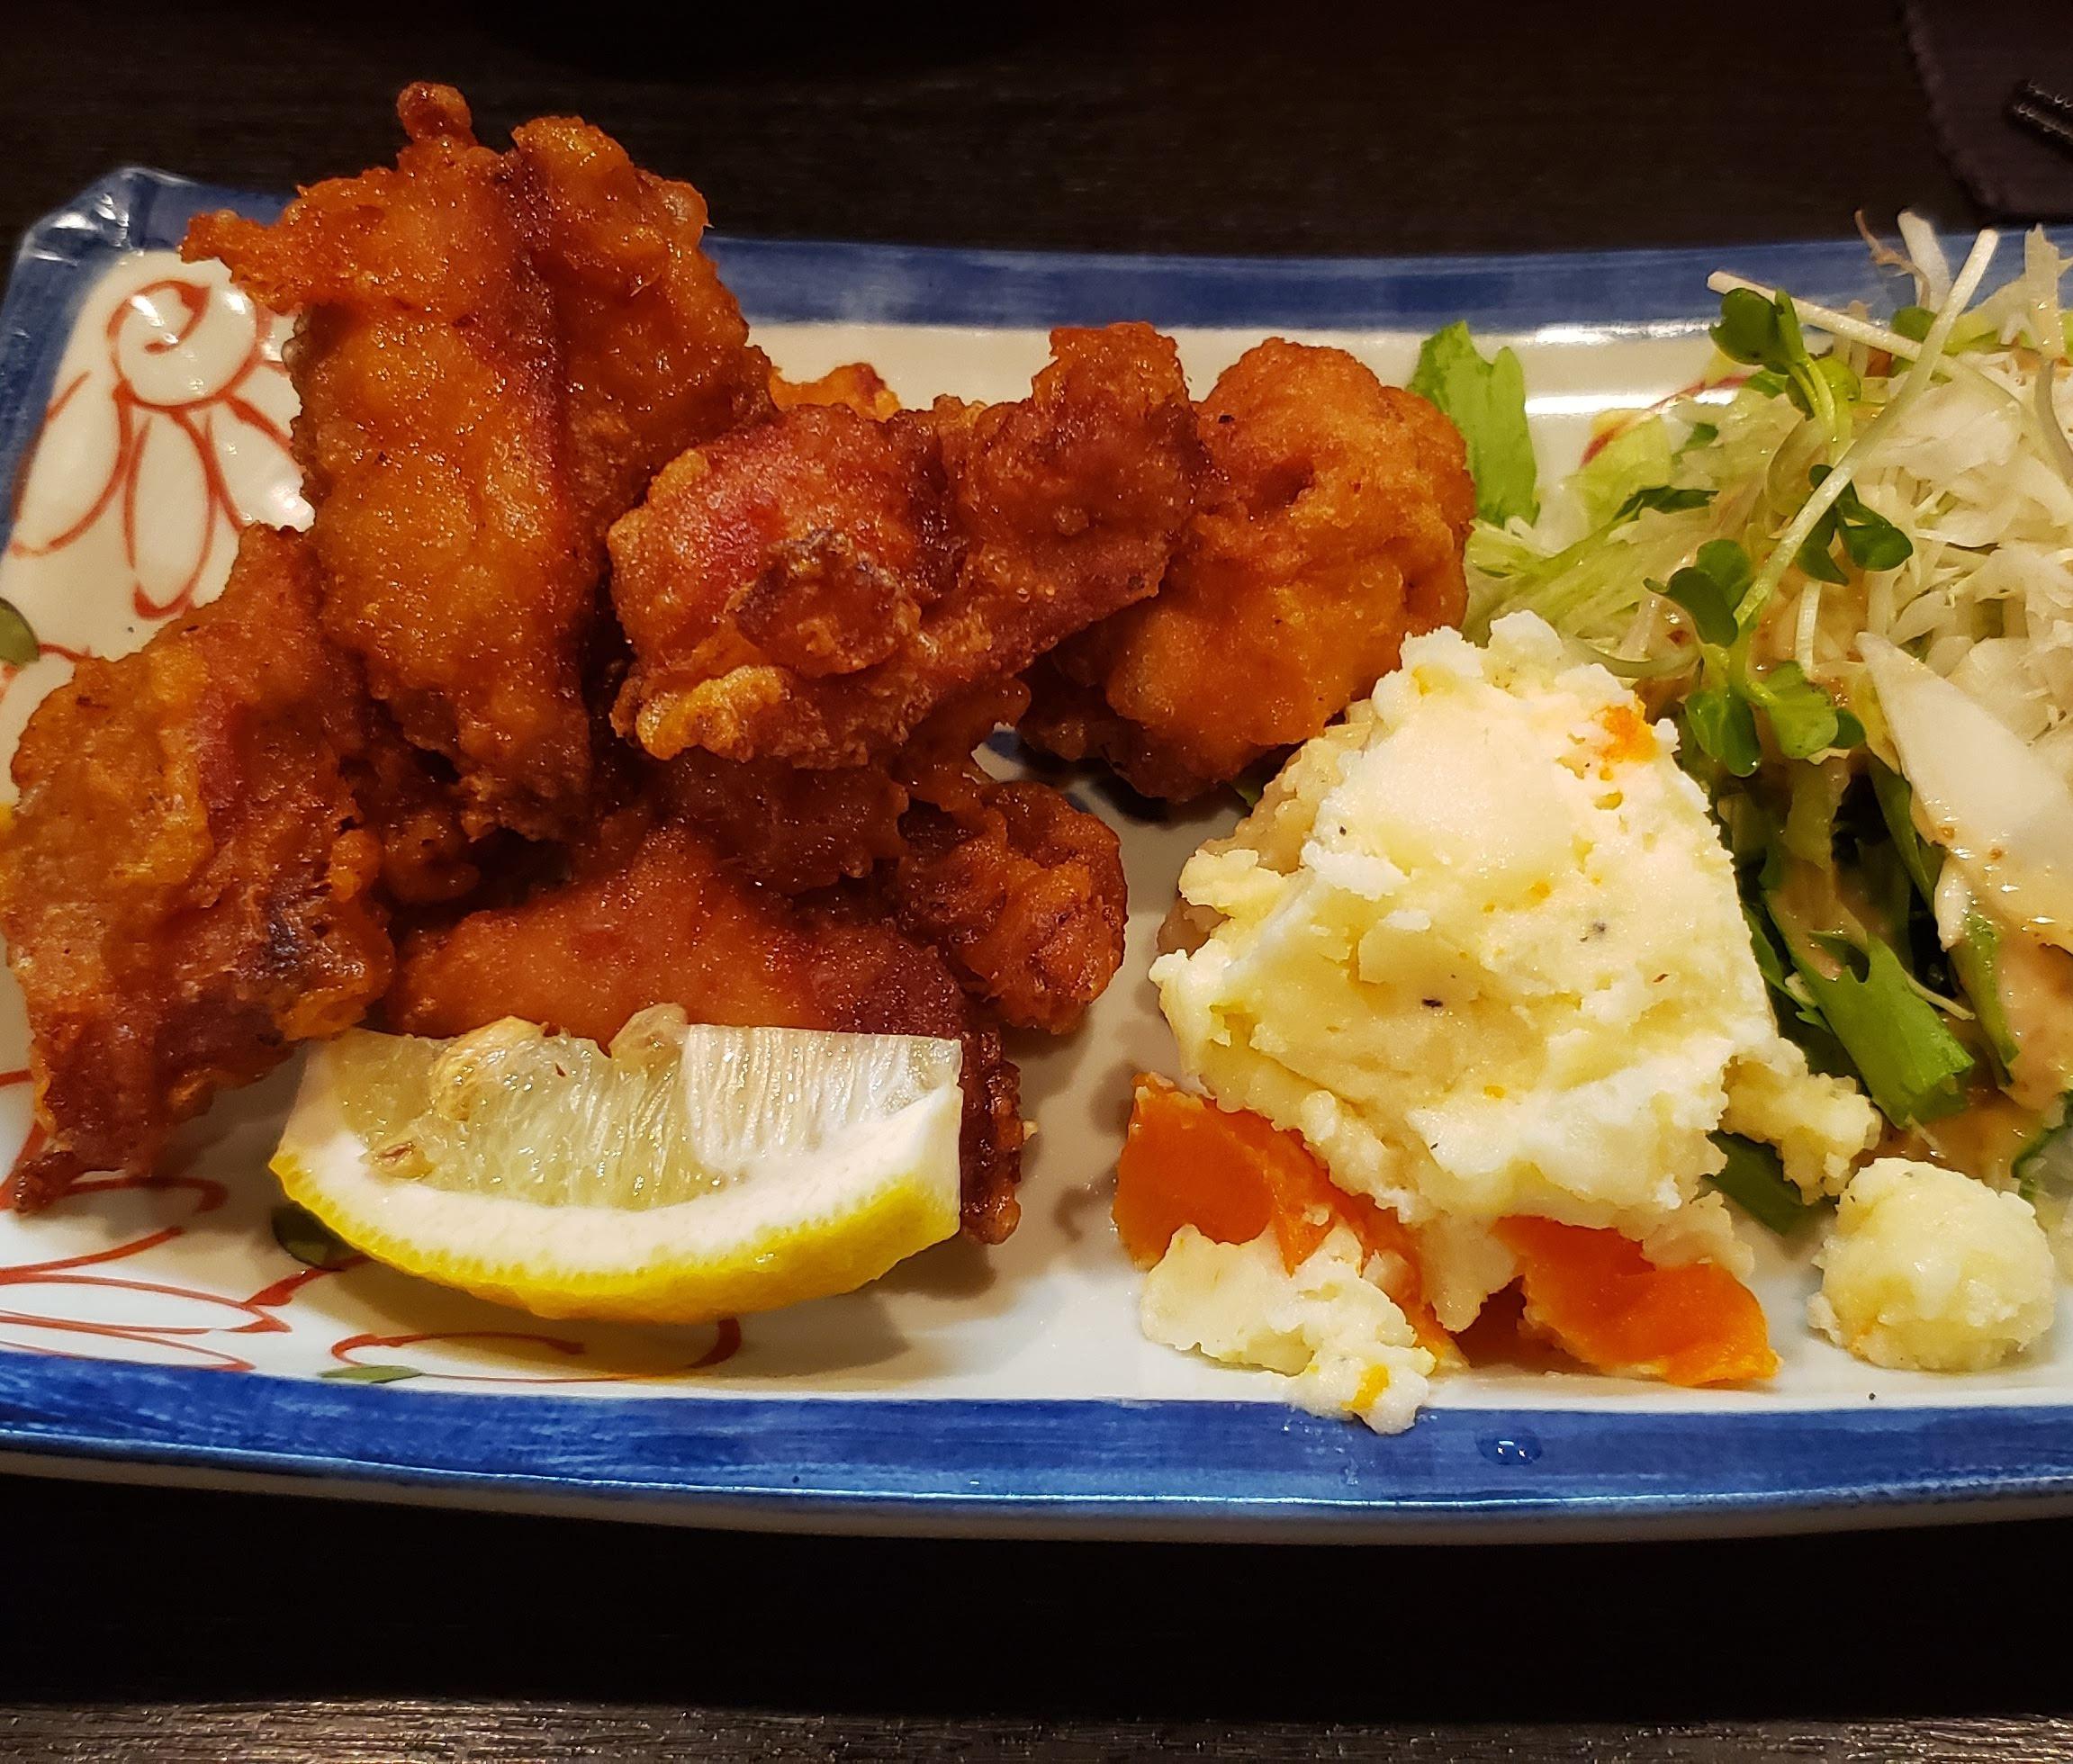 大井町にある 唐揚げが美味いお店 「手作り家庭料理 あおば 」